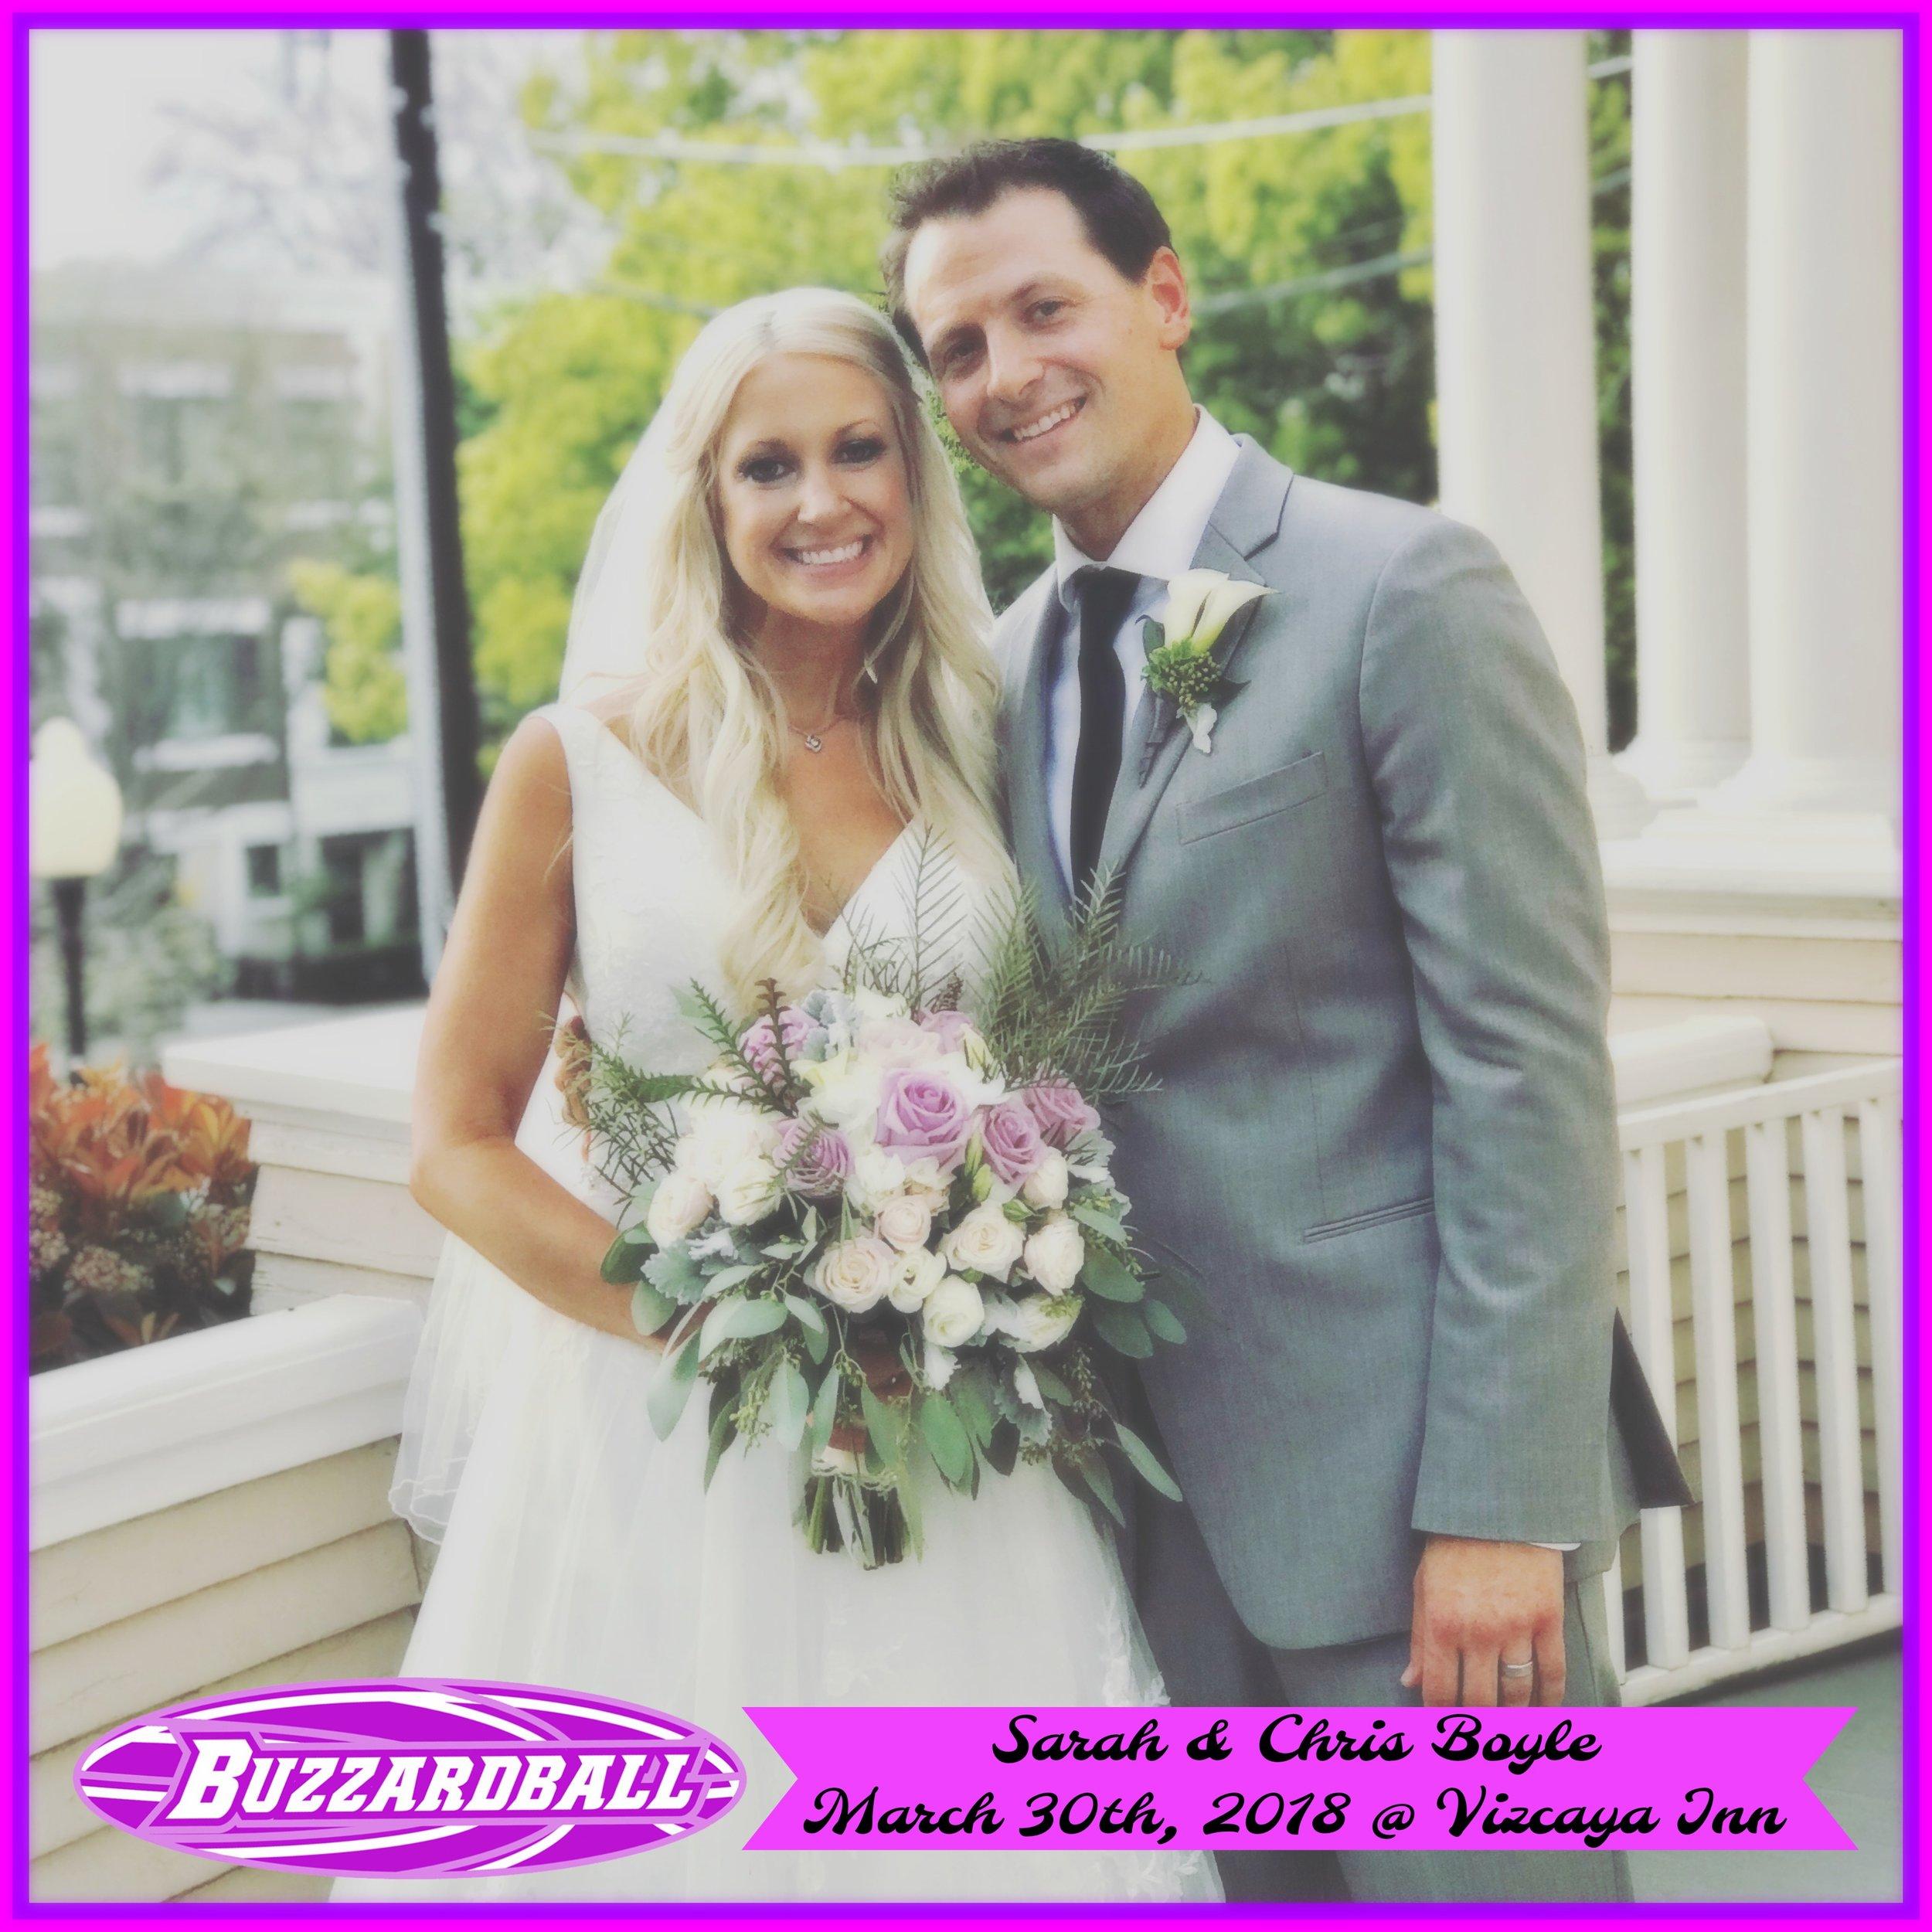 18 3 30 Wedding Sarah and Chris Boyle.jpg